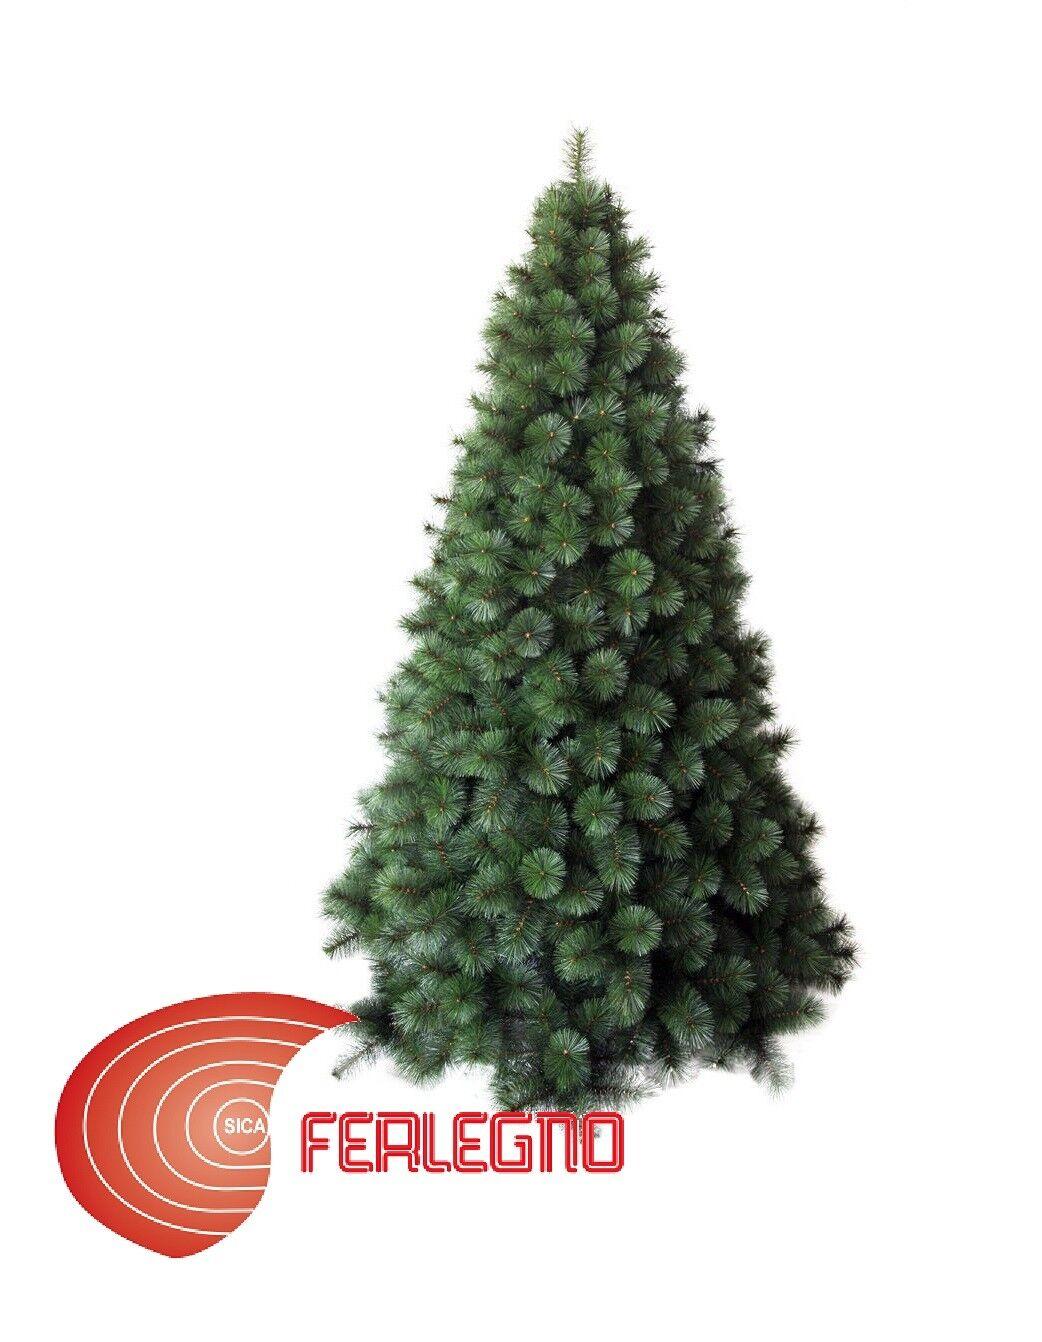 Baum Bäume Weihnachten Künstlich Grün 150 180  210 240  270CM Modell Alpinweiß